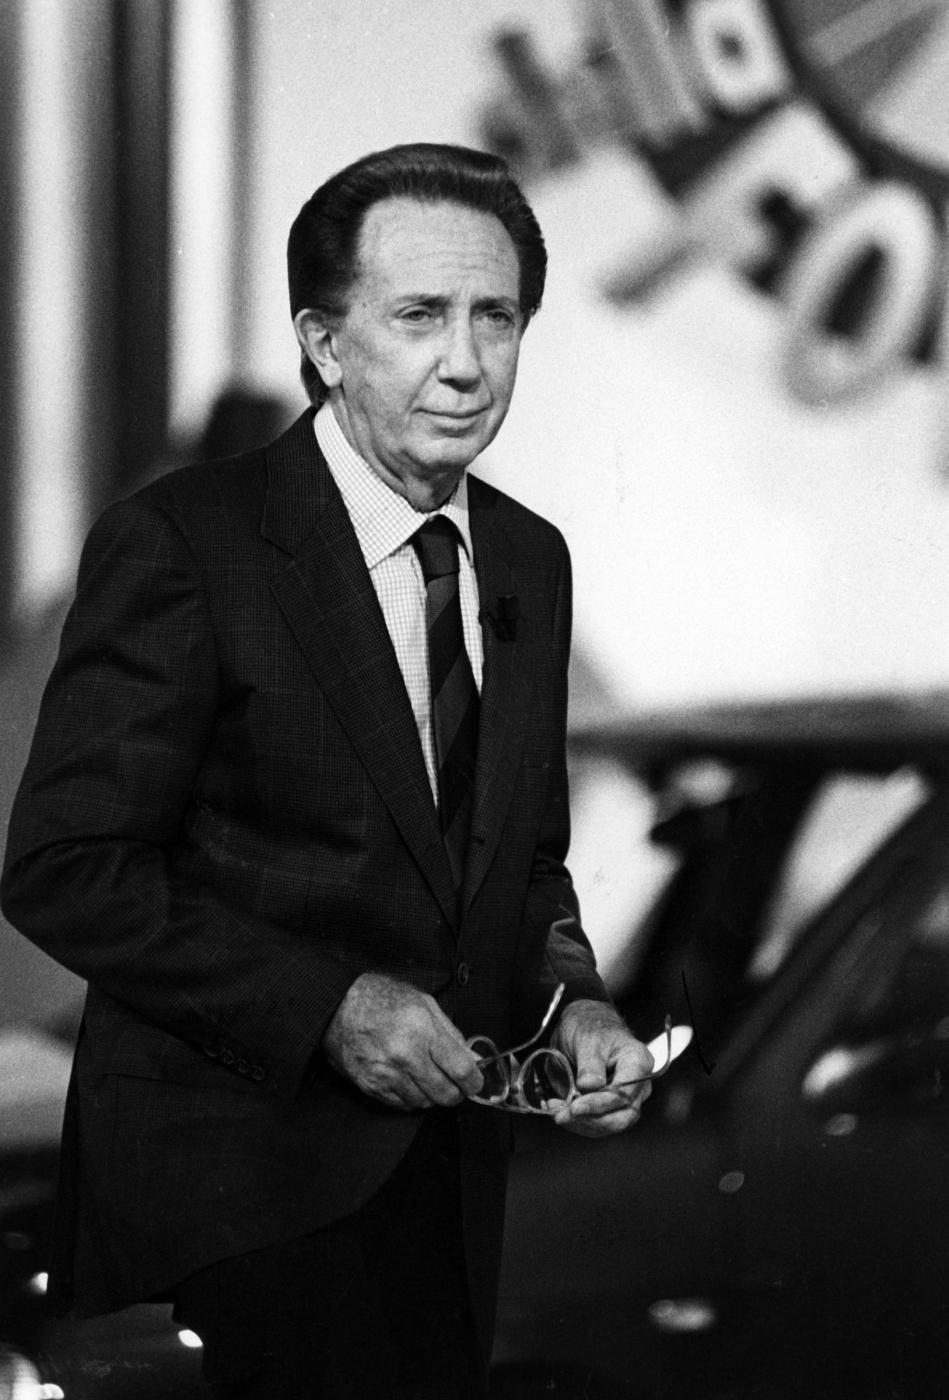 Mike Bongiorno, conduttore